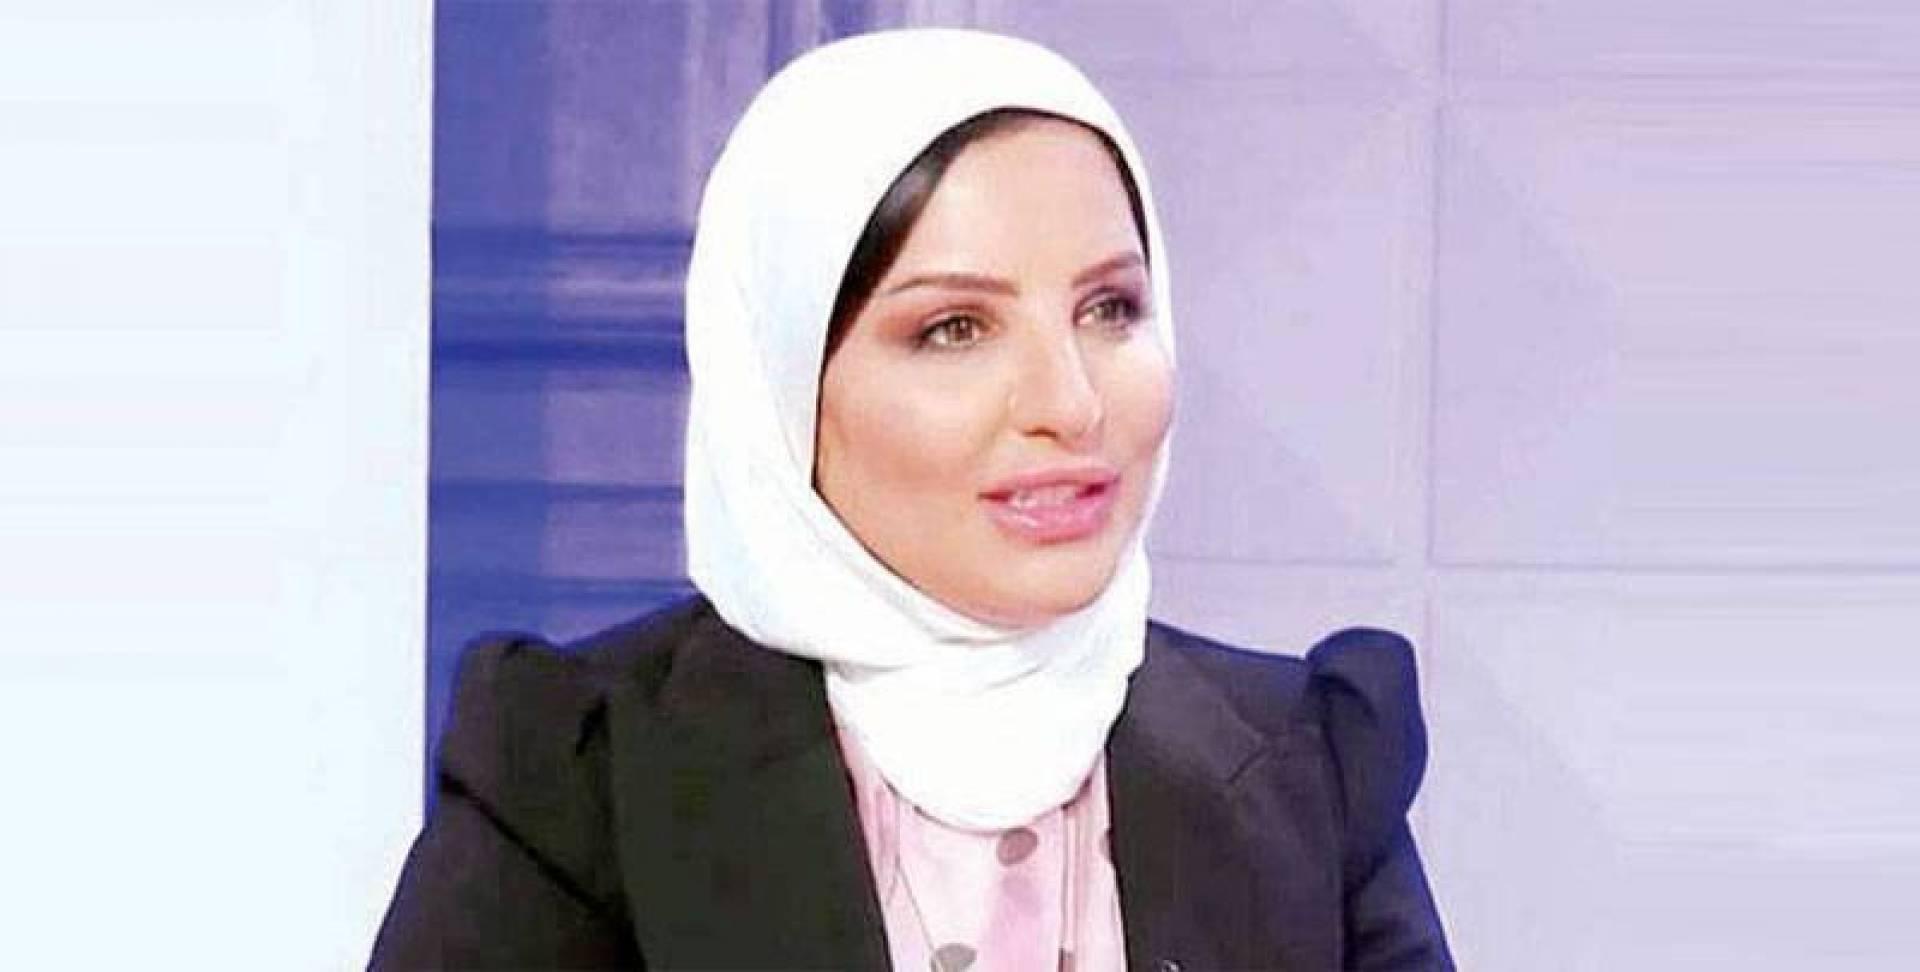 ليلى الخياط